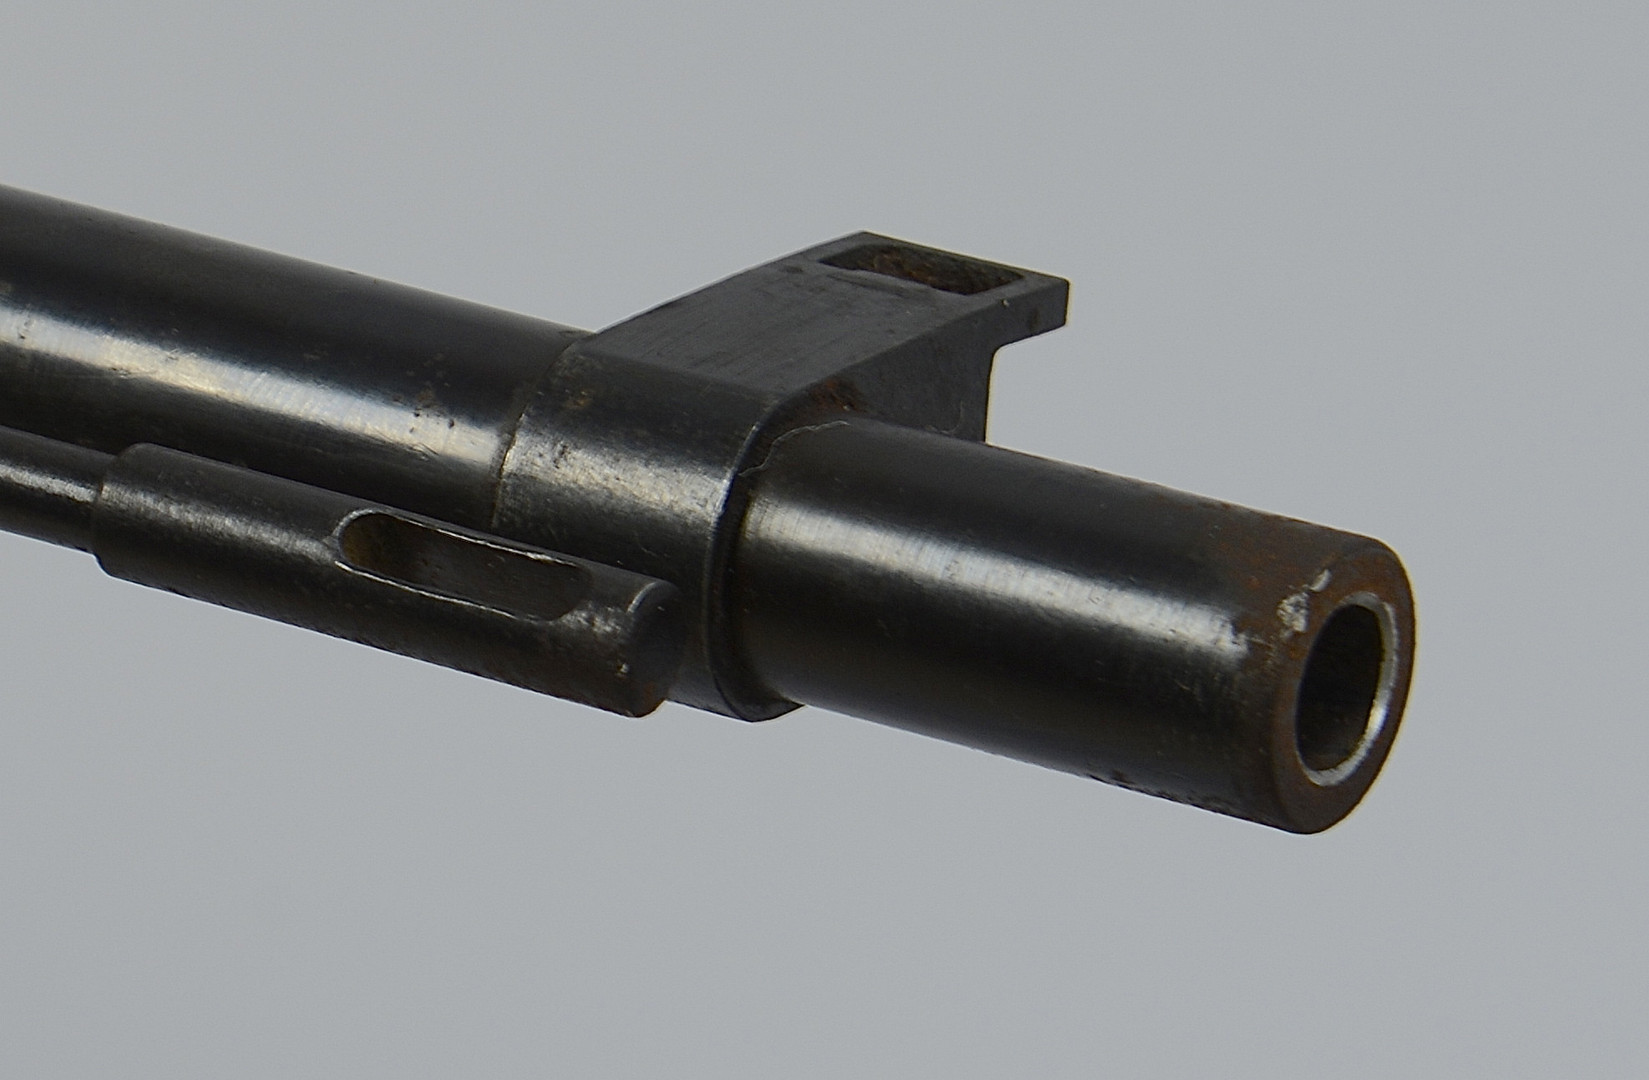 Lot 726: Japanese Type 99 Arisaka Bolt Action Rifle